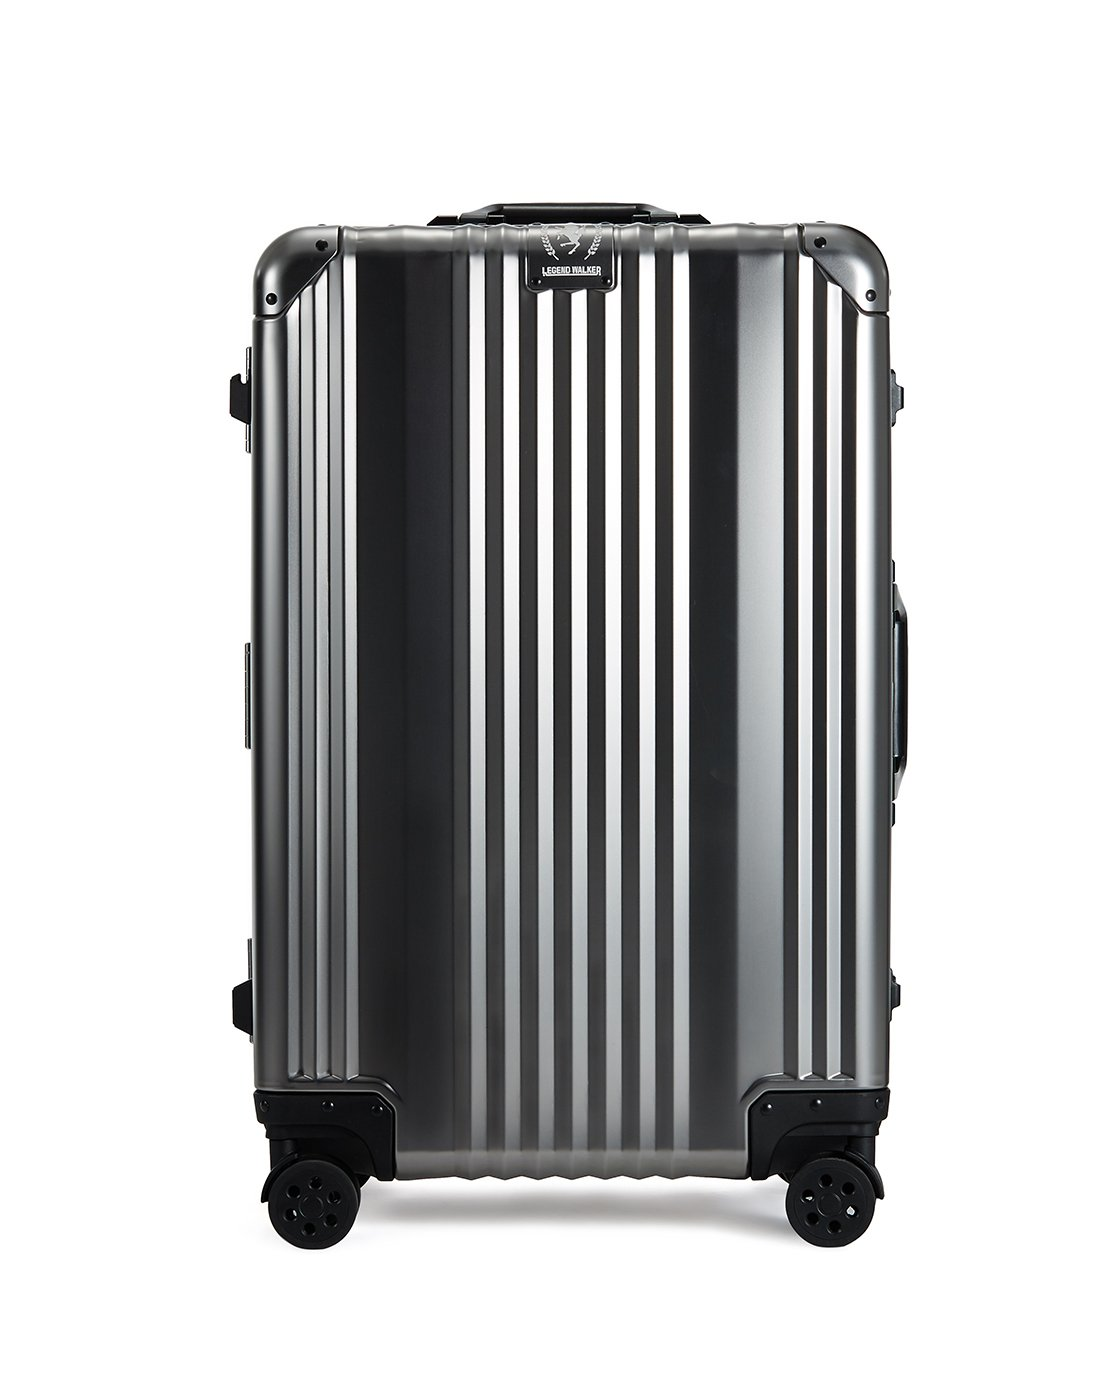 [レジェンドウォーカー] スーツケース 機内持込可 保証付 36L 48cm 4kg 1510-48 B071J5D2KJ ガンメタ ガンメタ